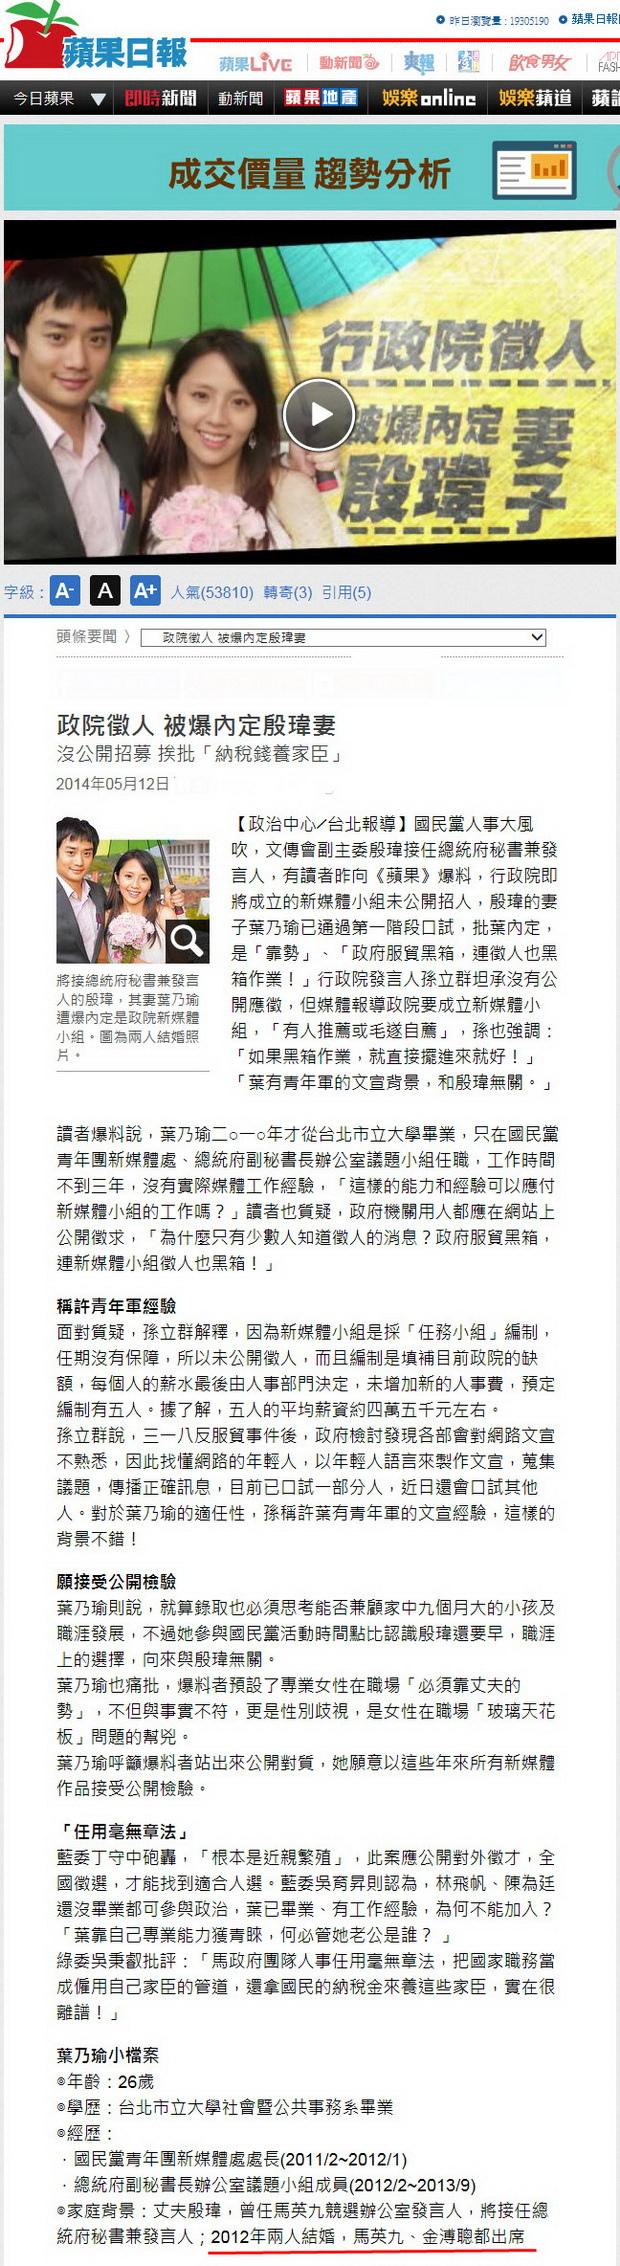 政院徵人 被爆內定殷瑋妻-2014.05.12.jpg